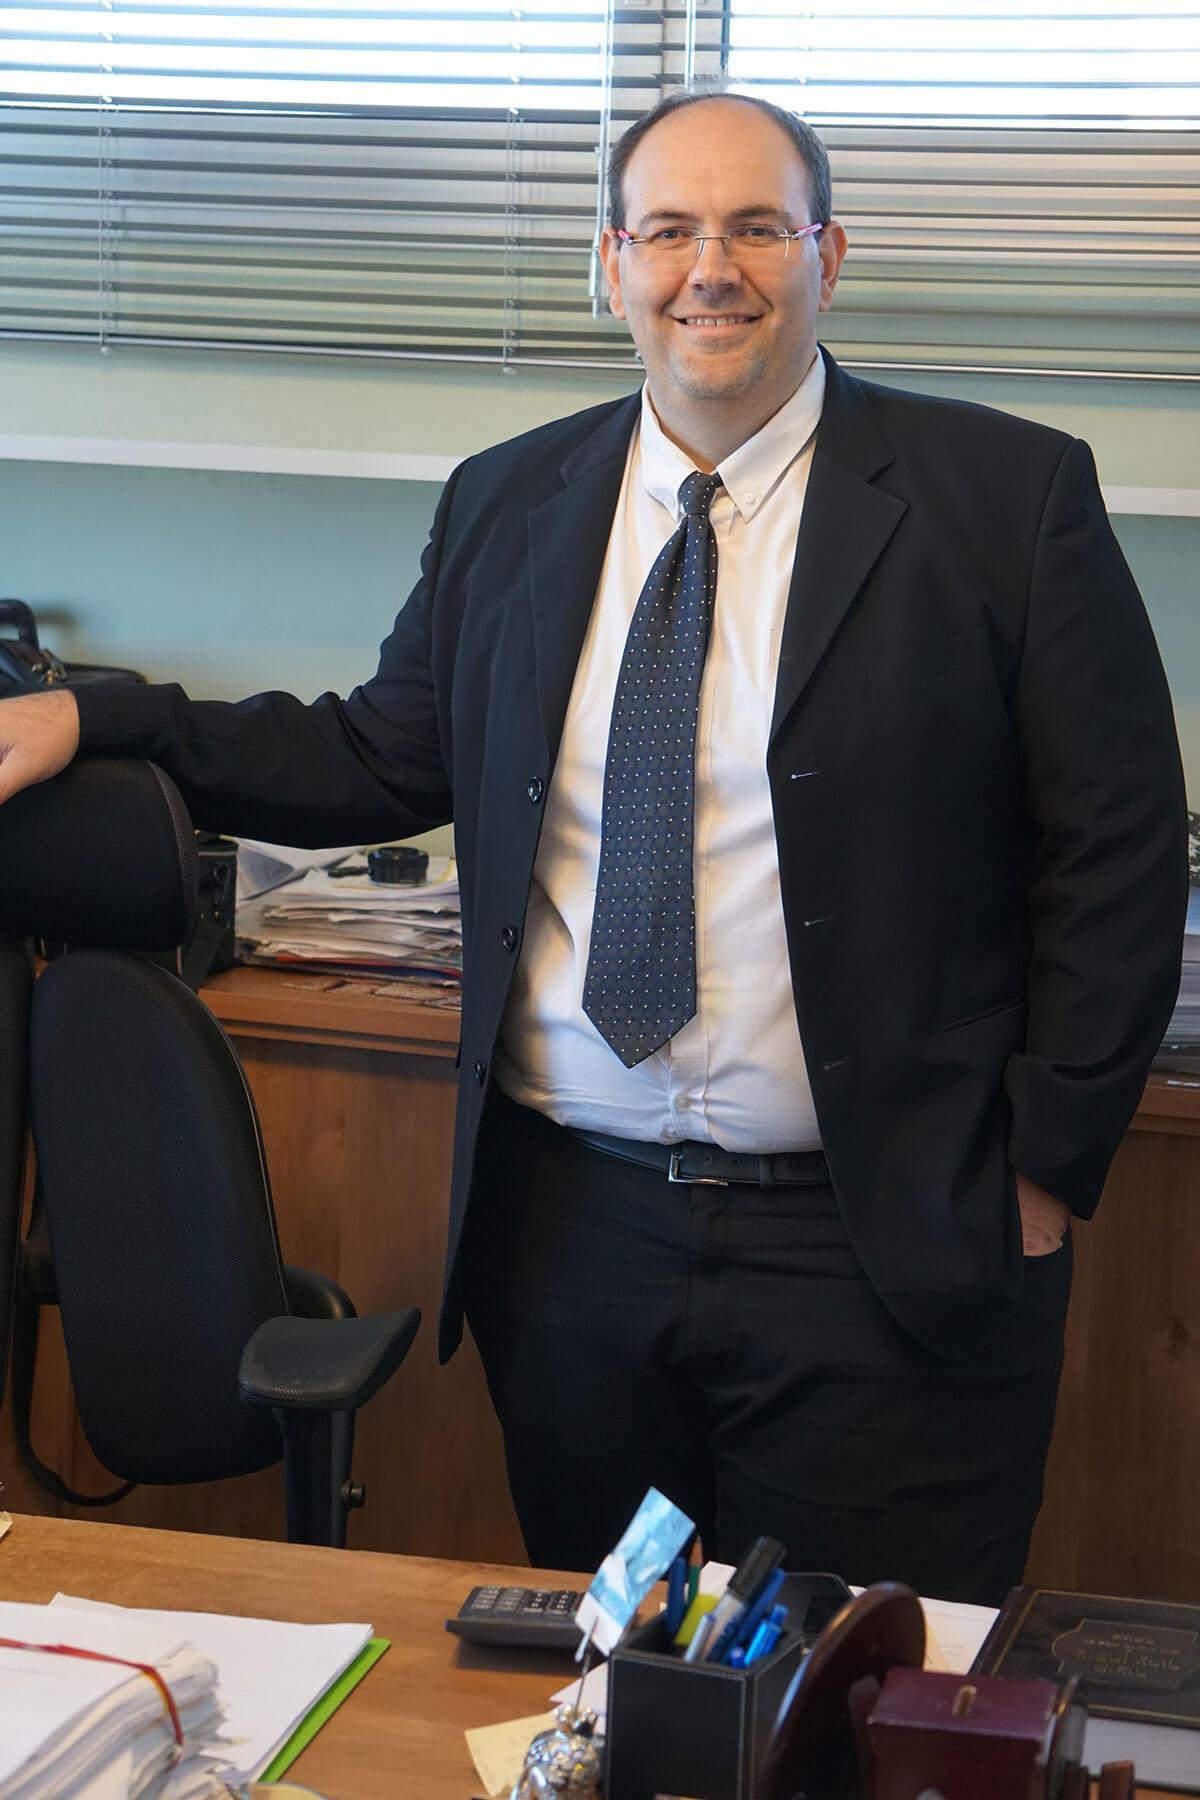 עורך דין חזק בדיני עבודה